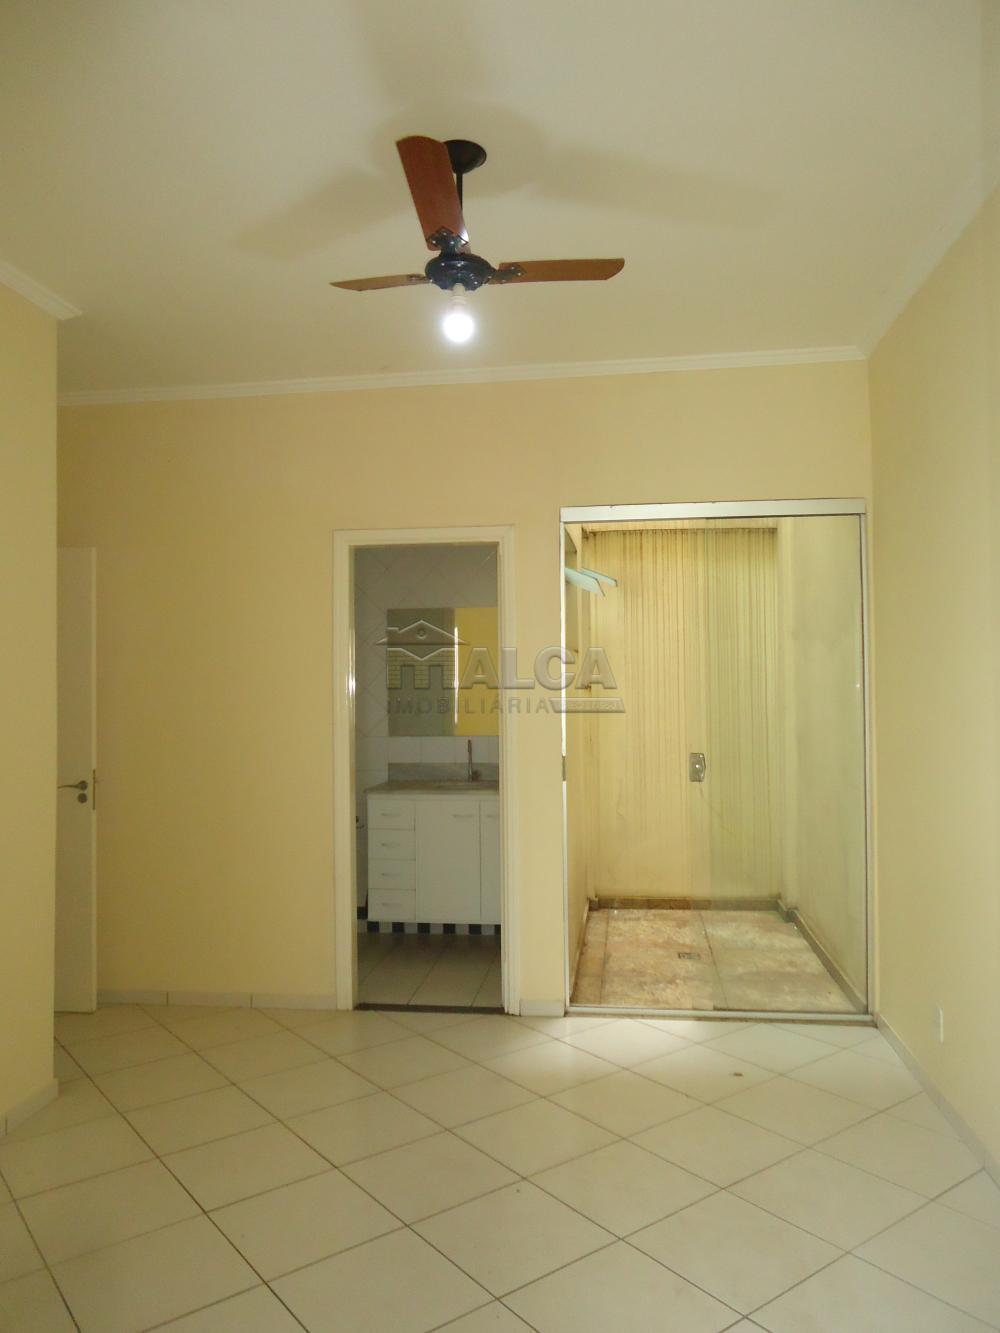 Alugar Apartamentos / Padrão em São José do Rio Pardo apenas R$ 1.500,00 - Foto 29